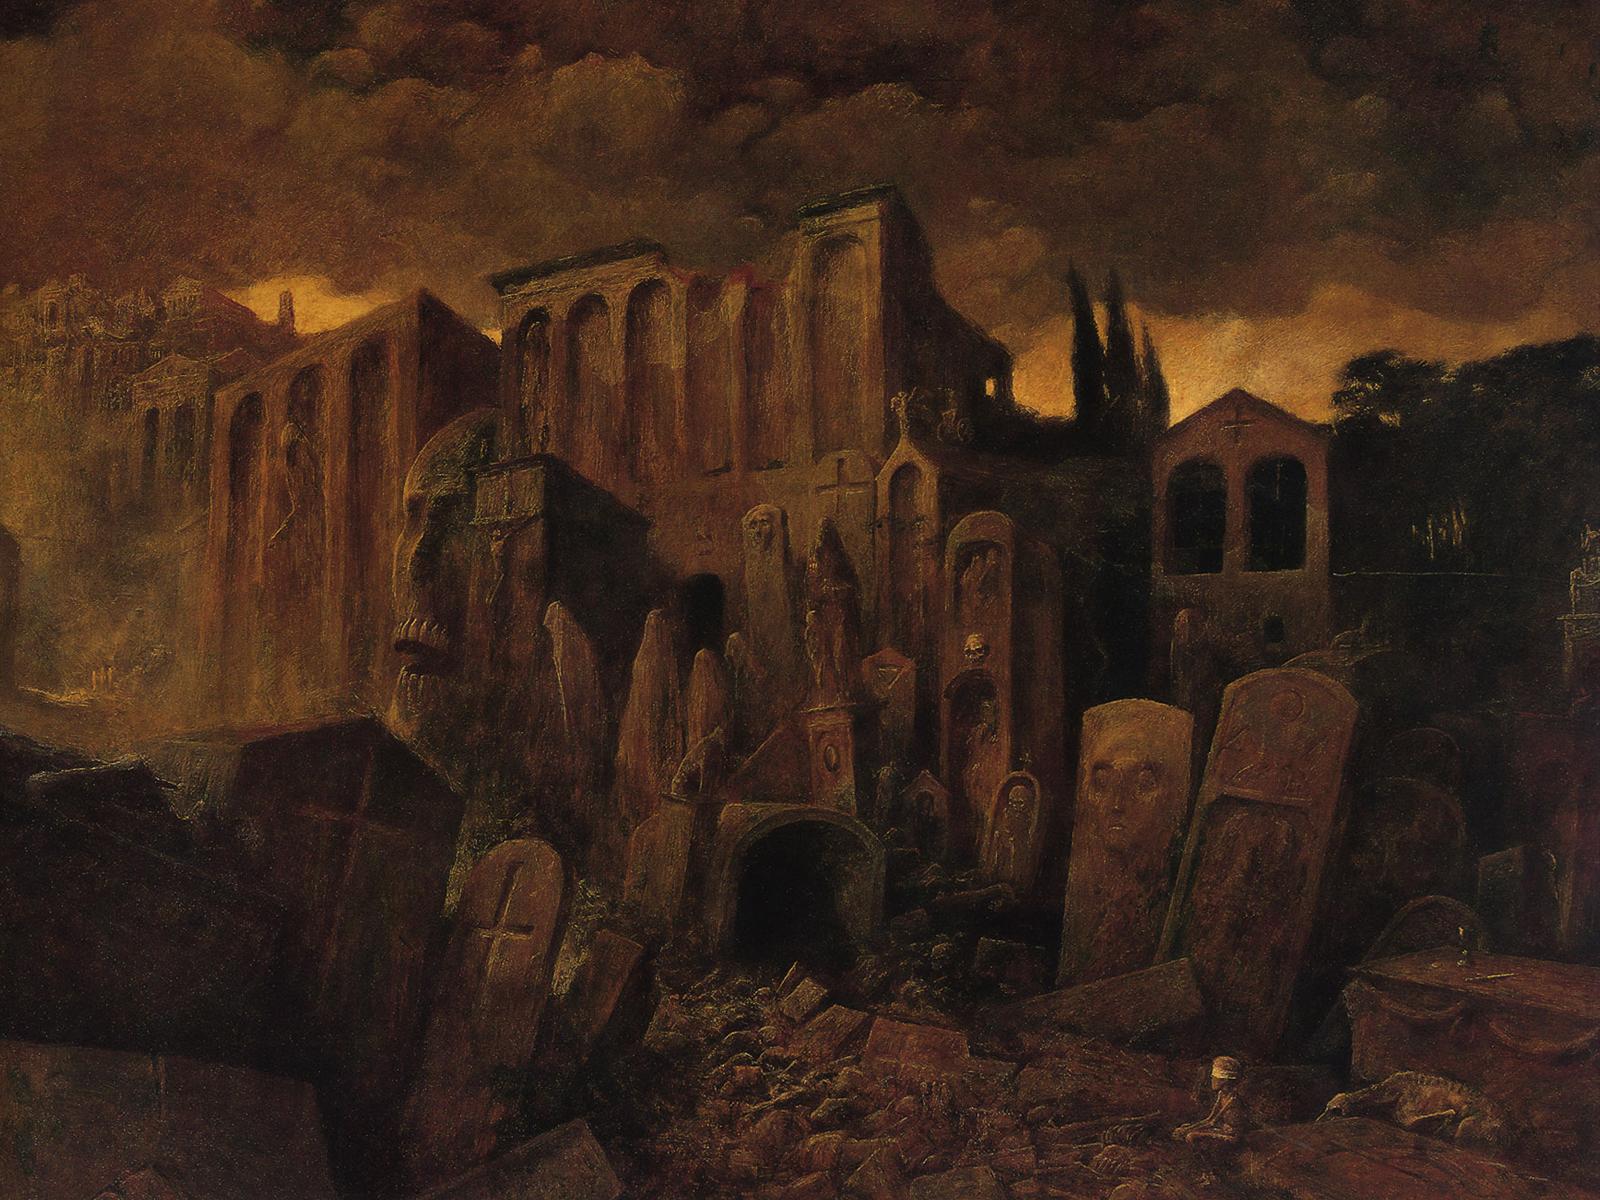 El arte gótico y oscuro de Zdzislaw Beksinski Zdzislaw_Beksinski_49_1600x1200